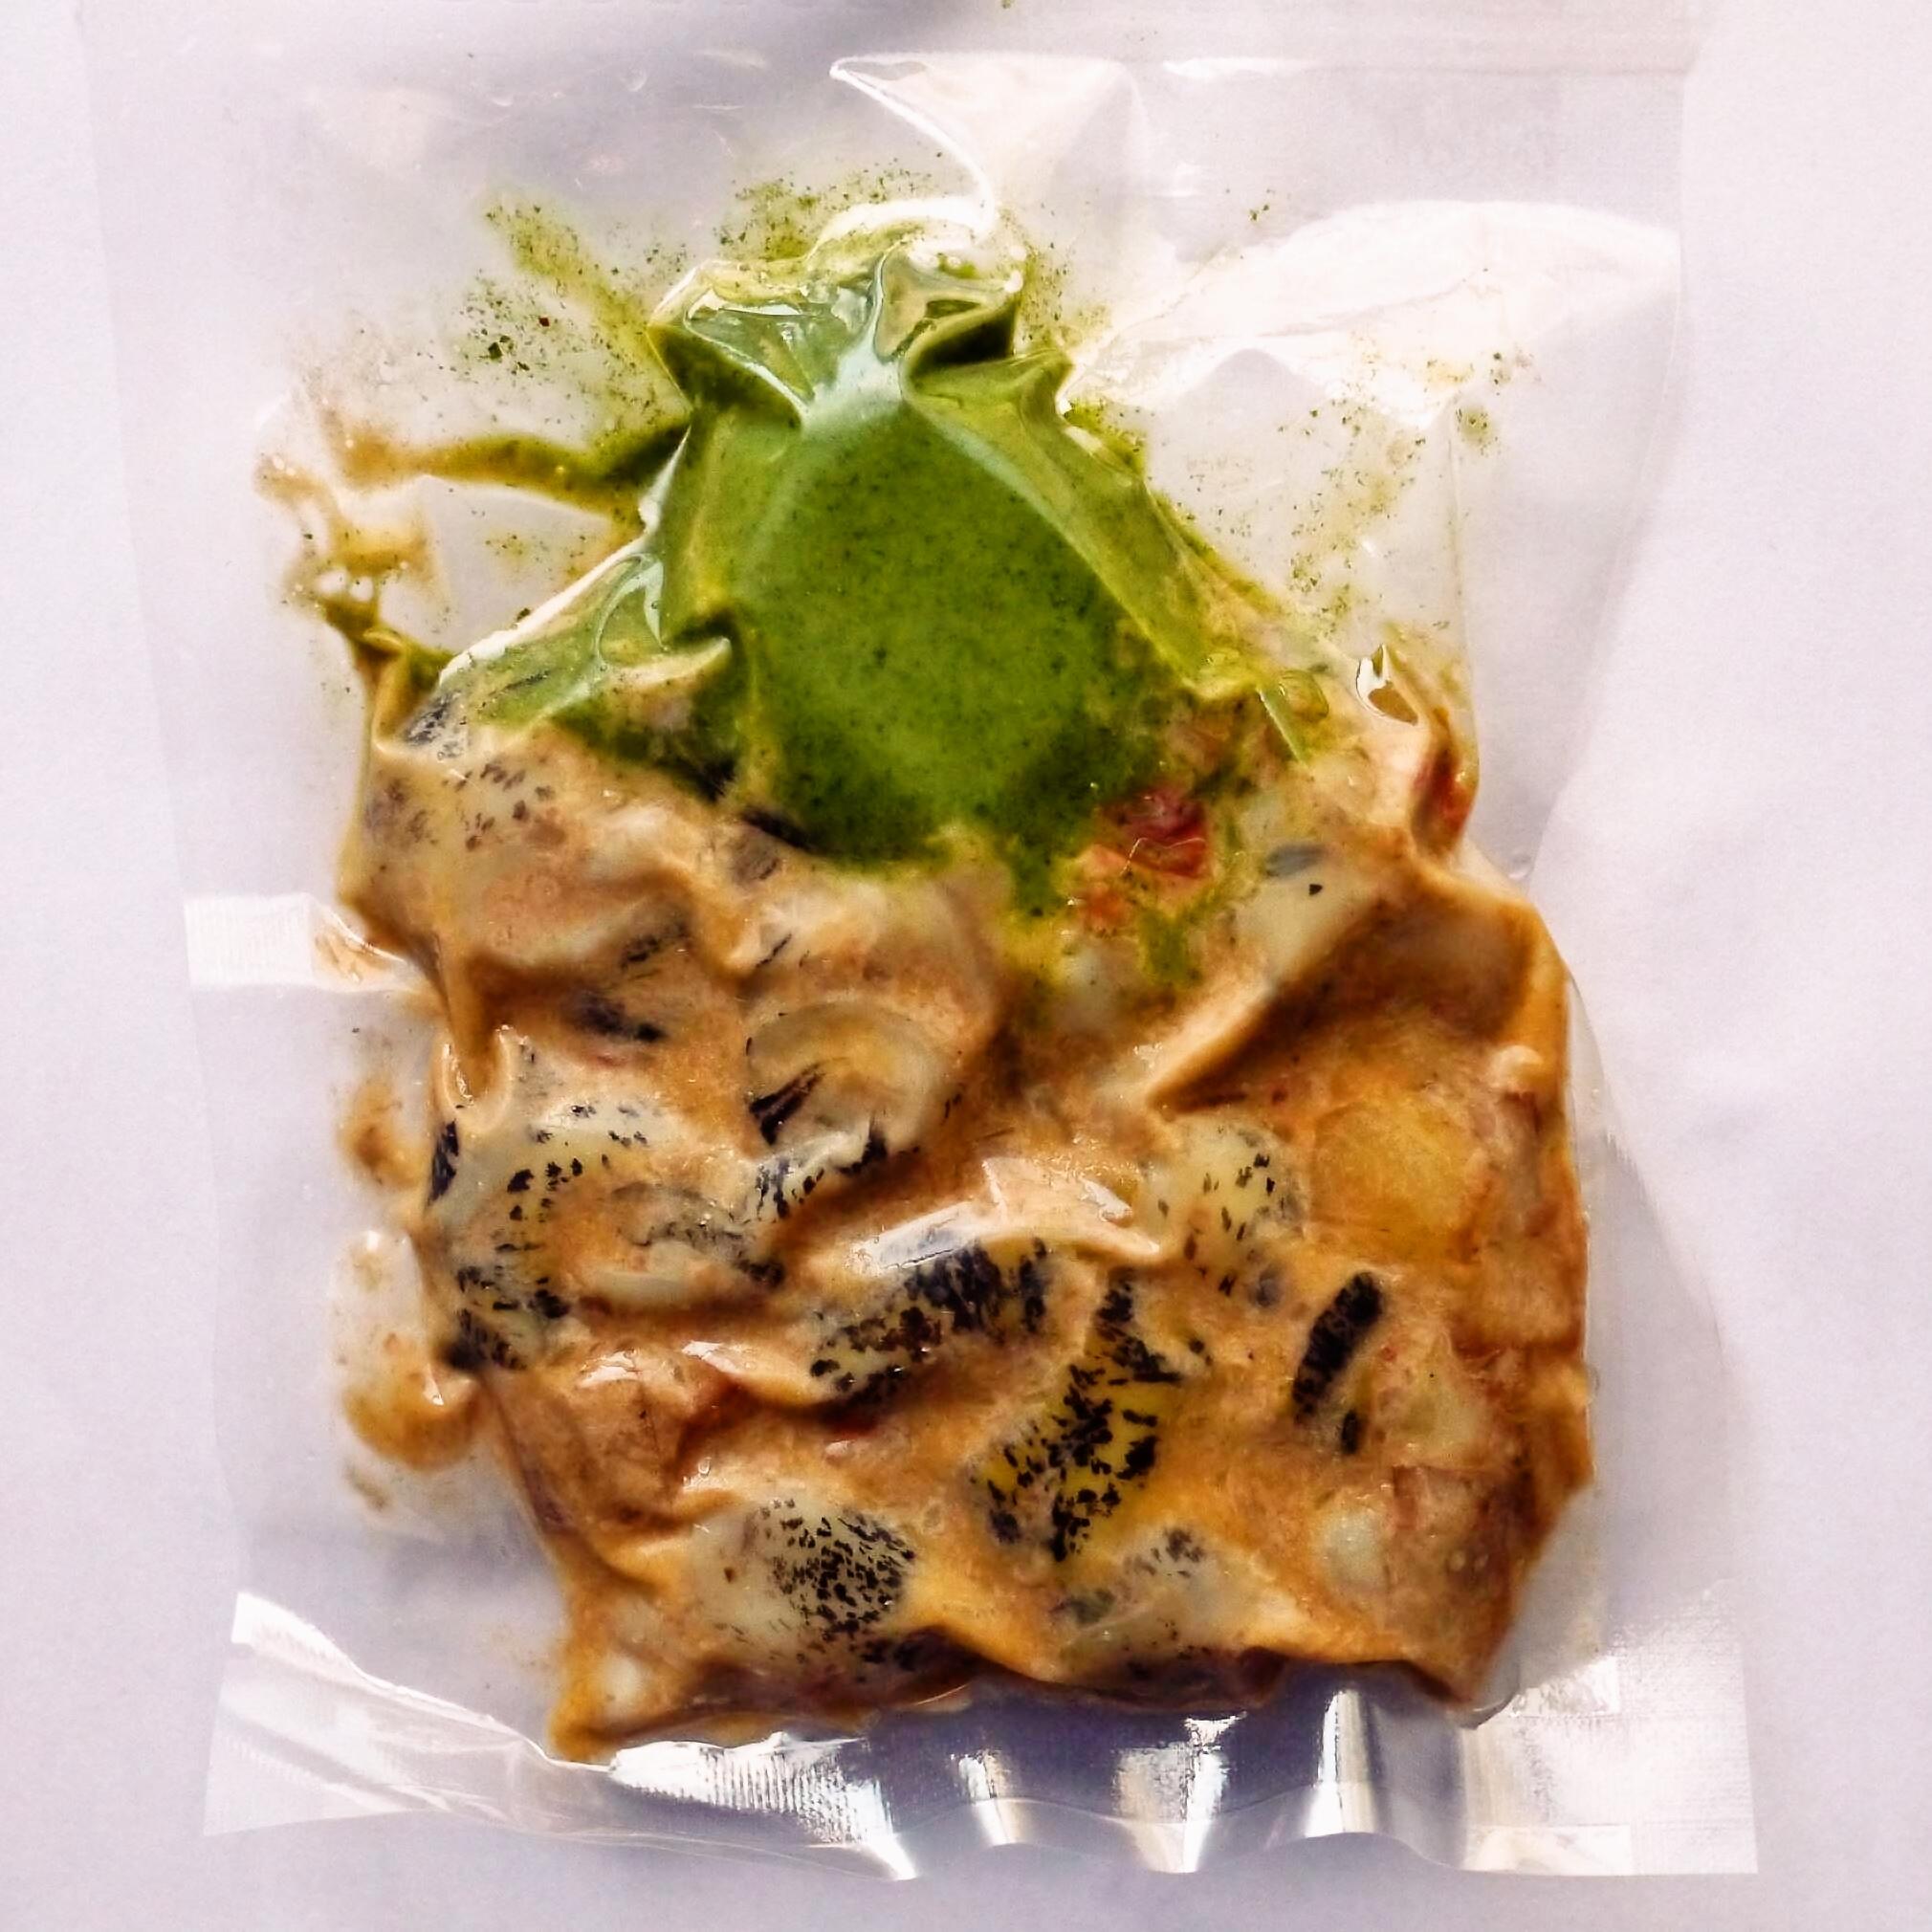 ツブ貝のブルゴーニュ風軽い煮込み